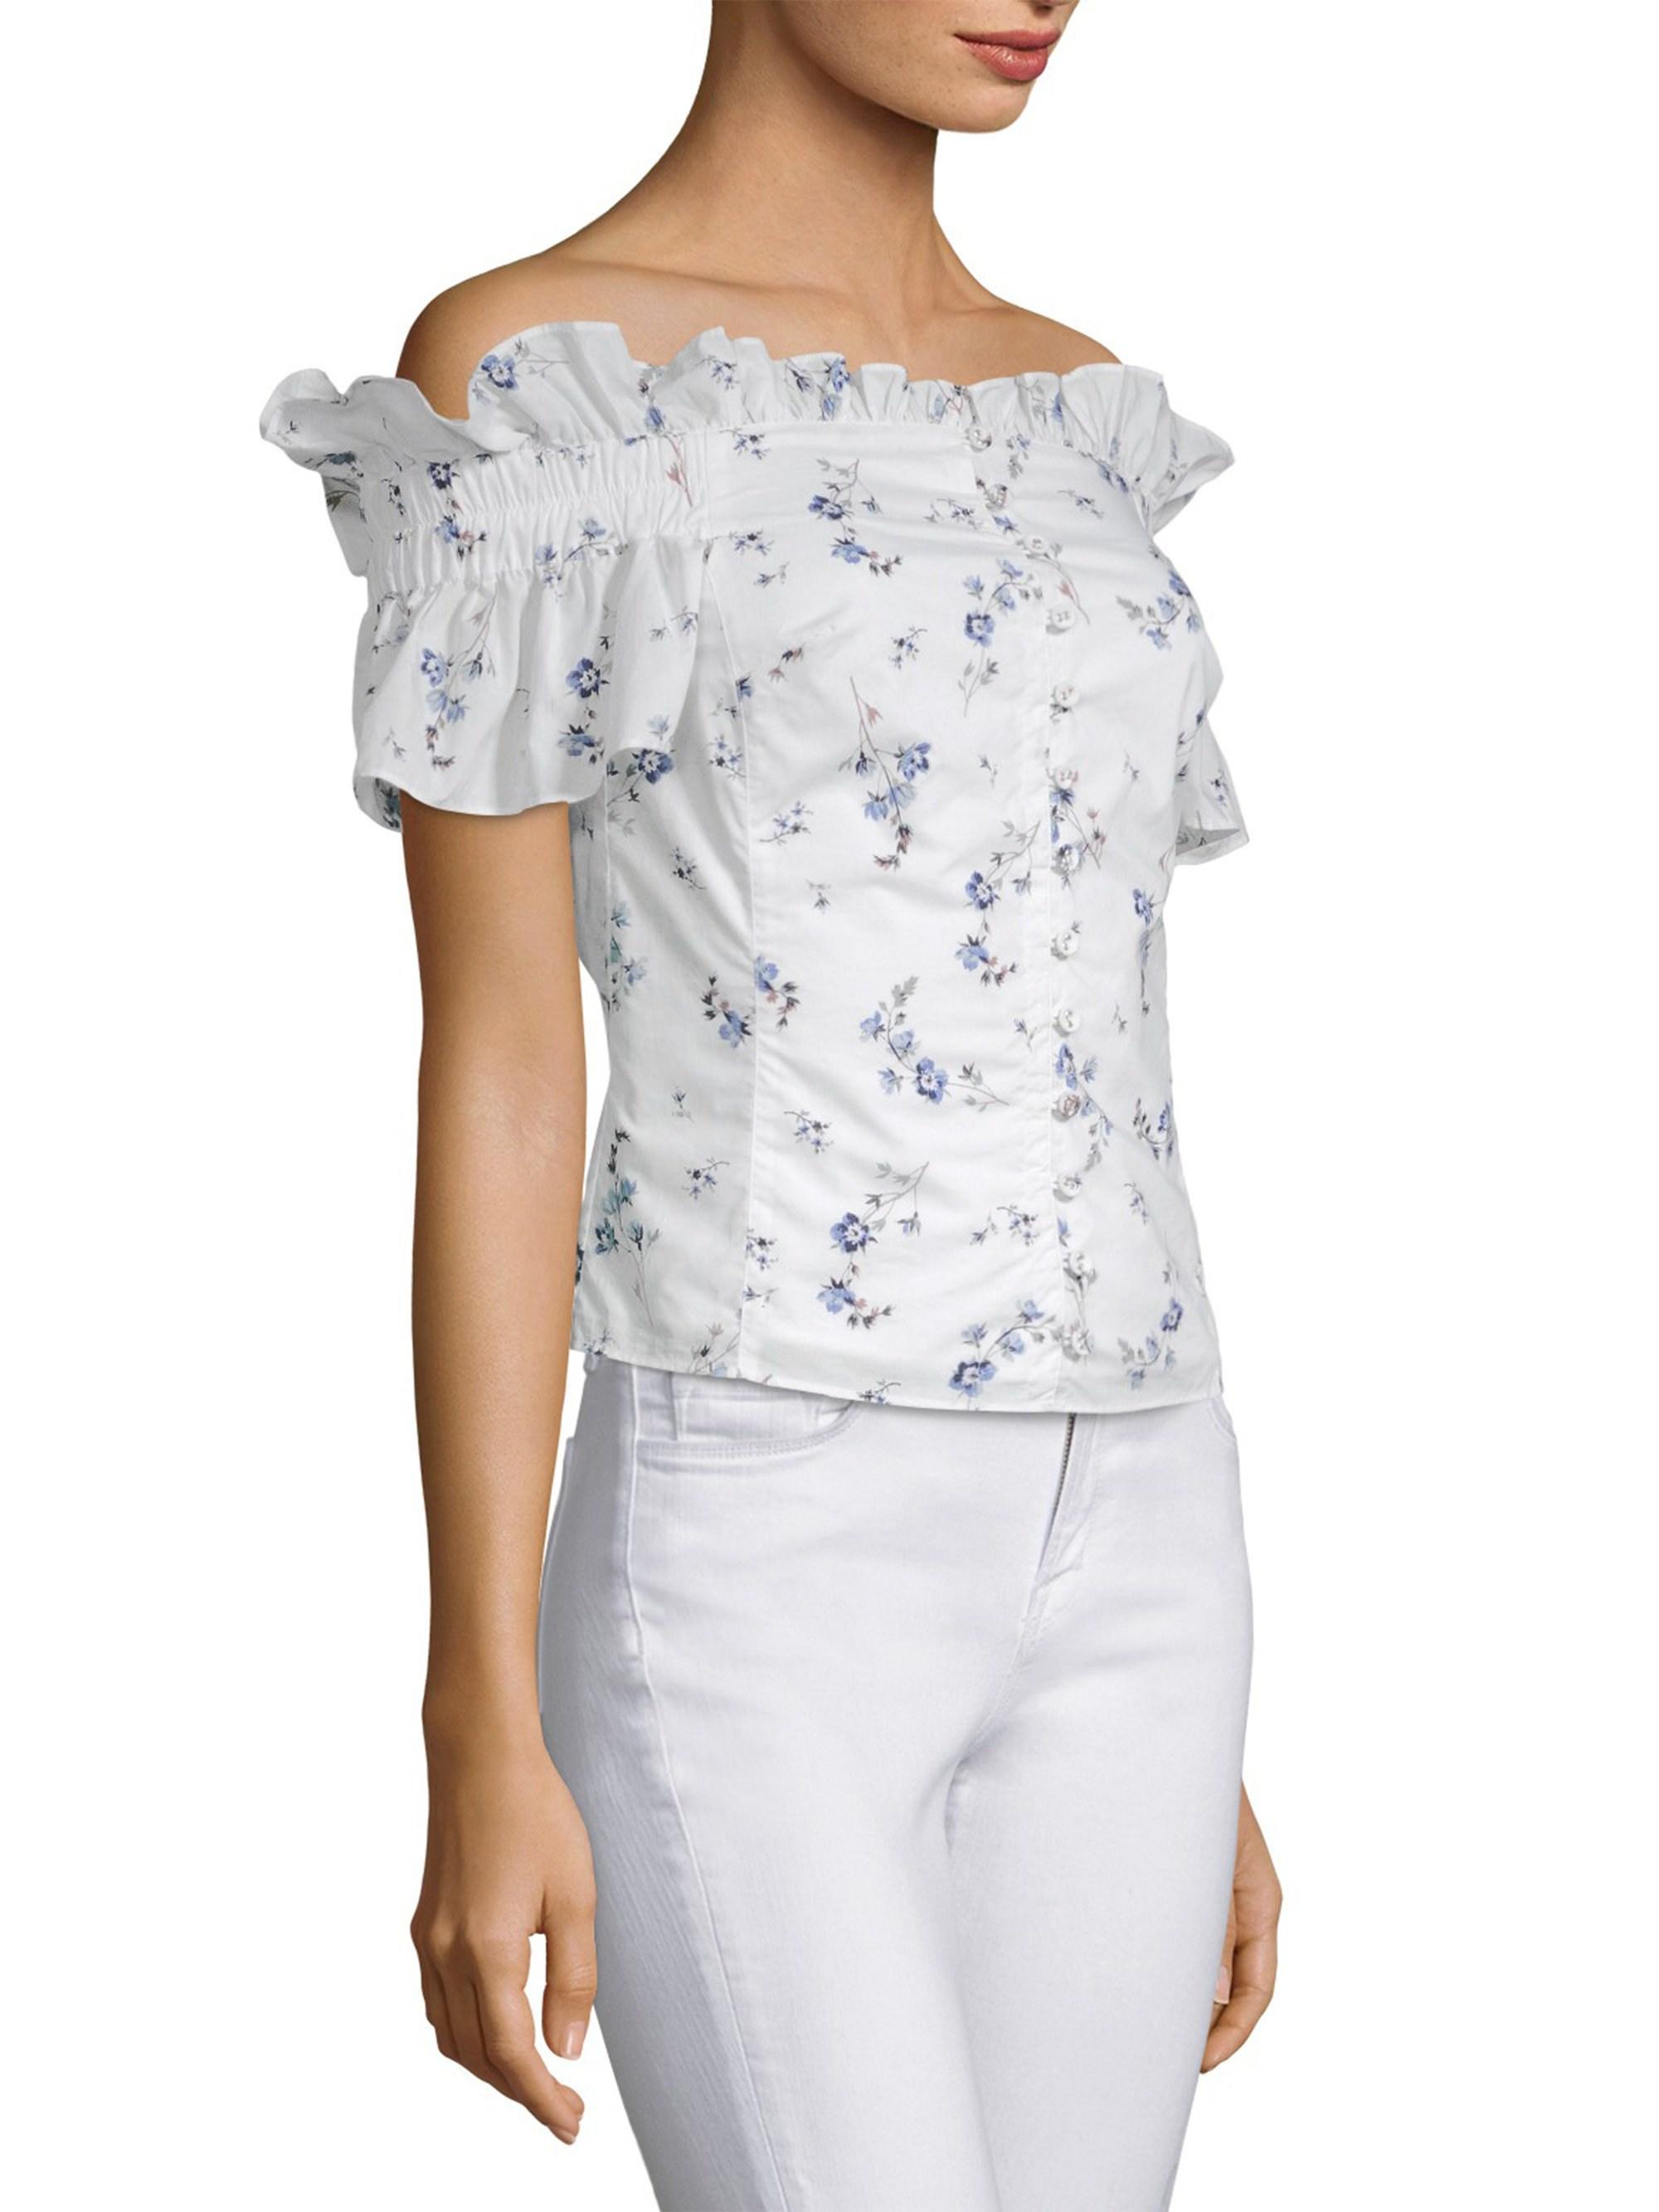 682b71bdfe Lyst - Rebecca Taylor Francine Off-the-shoulder Top